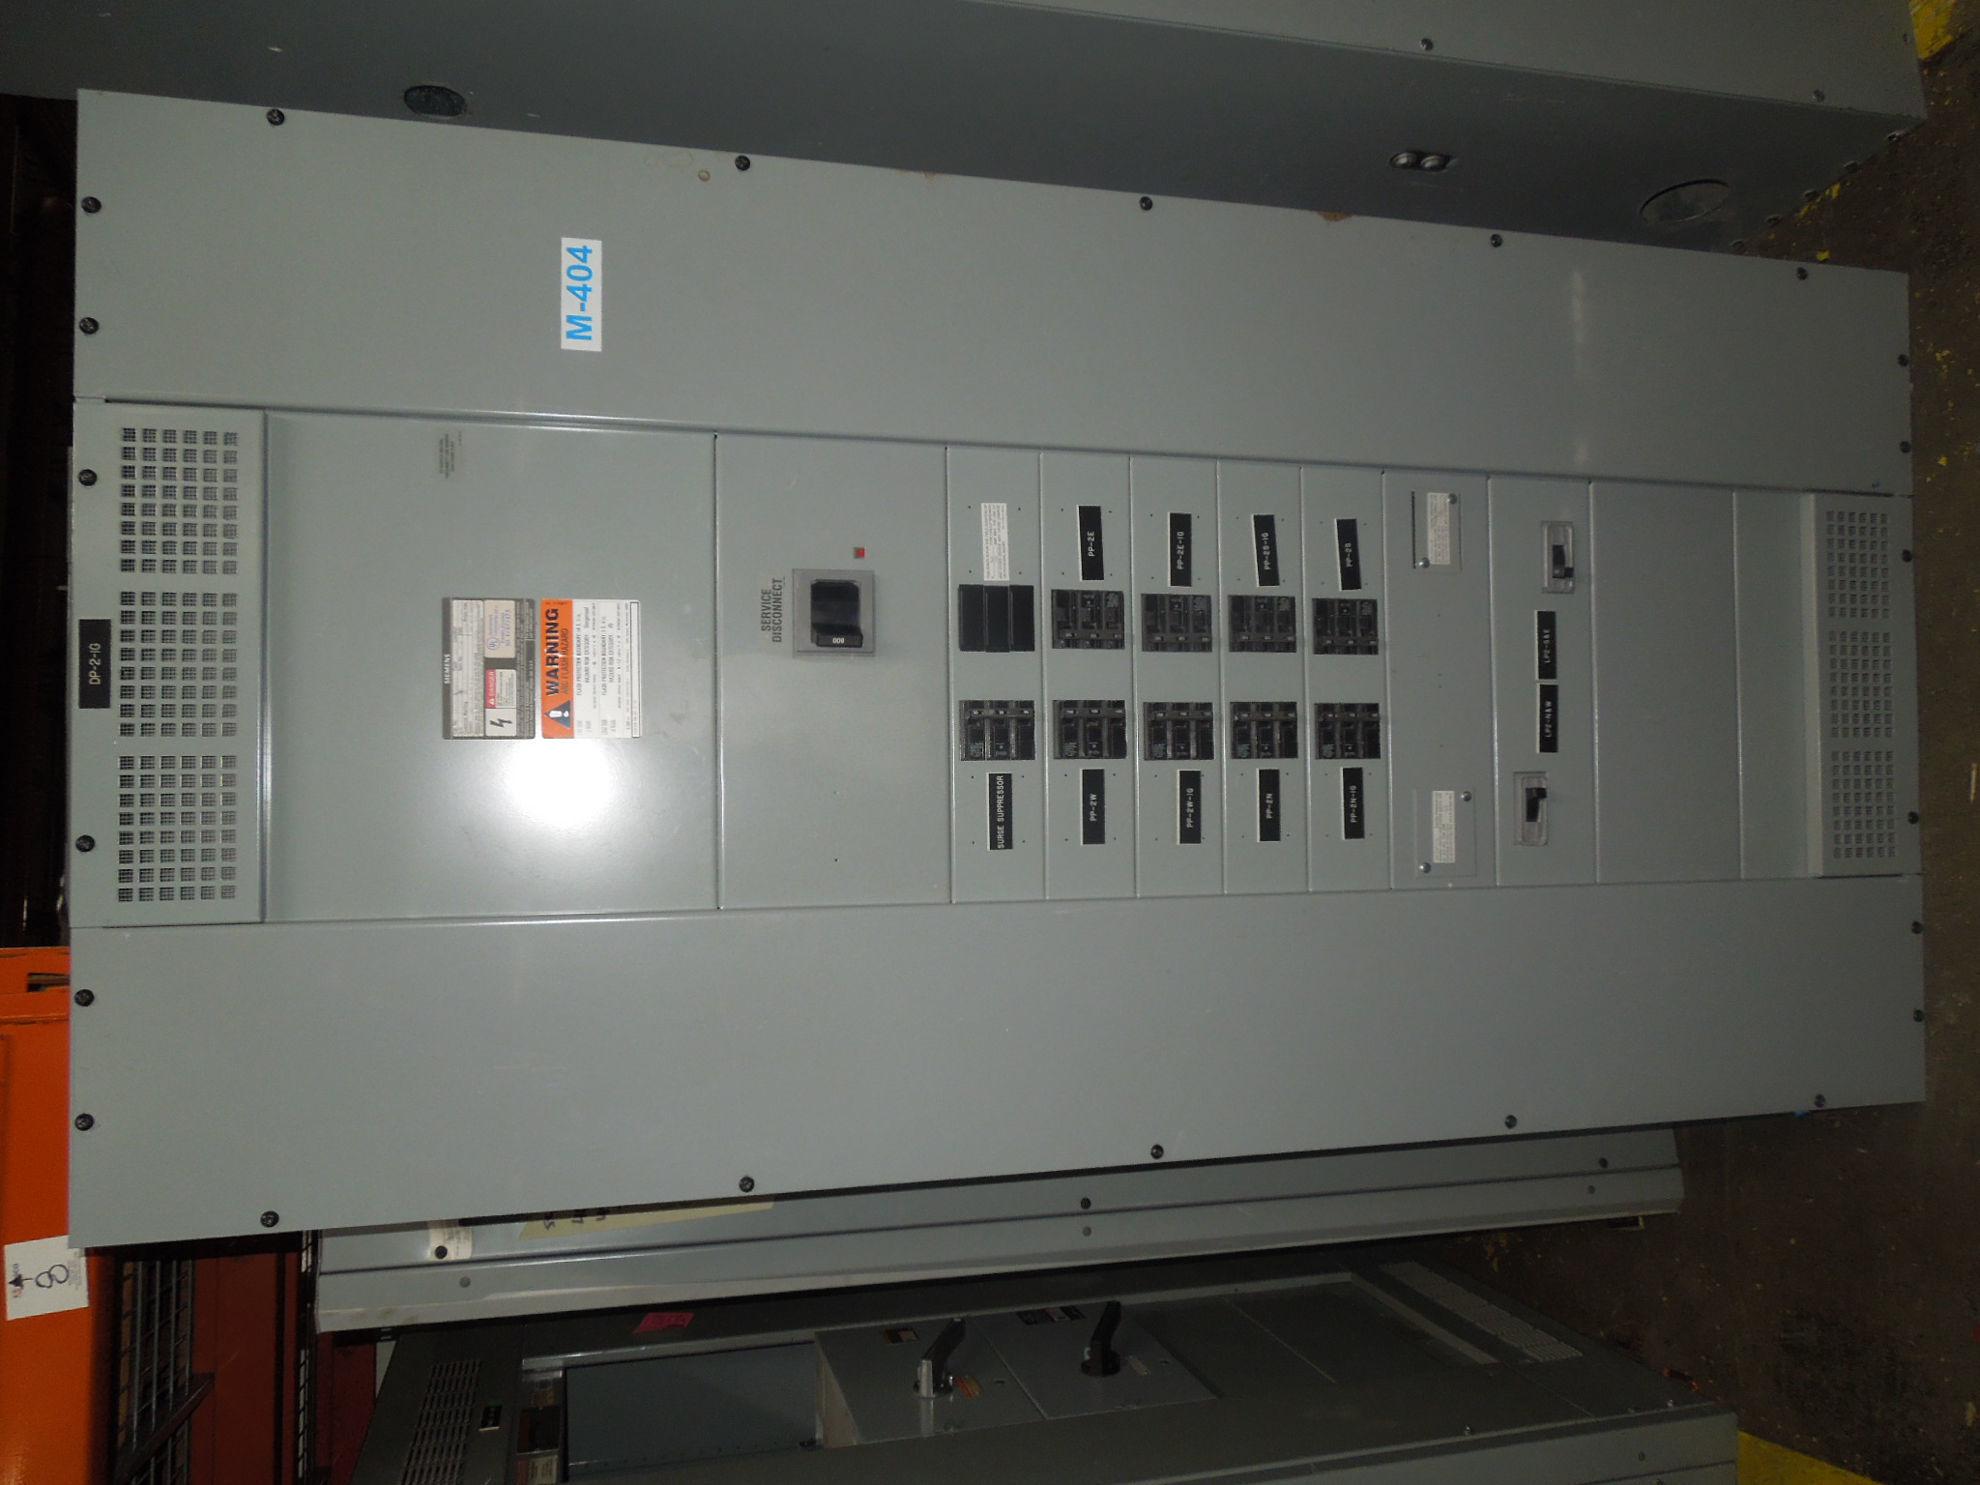 Picture of Siemens S5 Series Panelboard 800 Amp Main Breaker 208Y/120 Volt NEMA 1